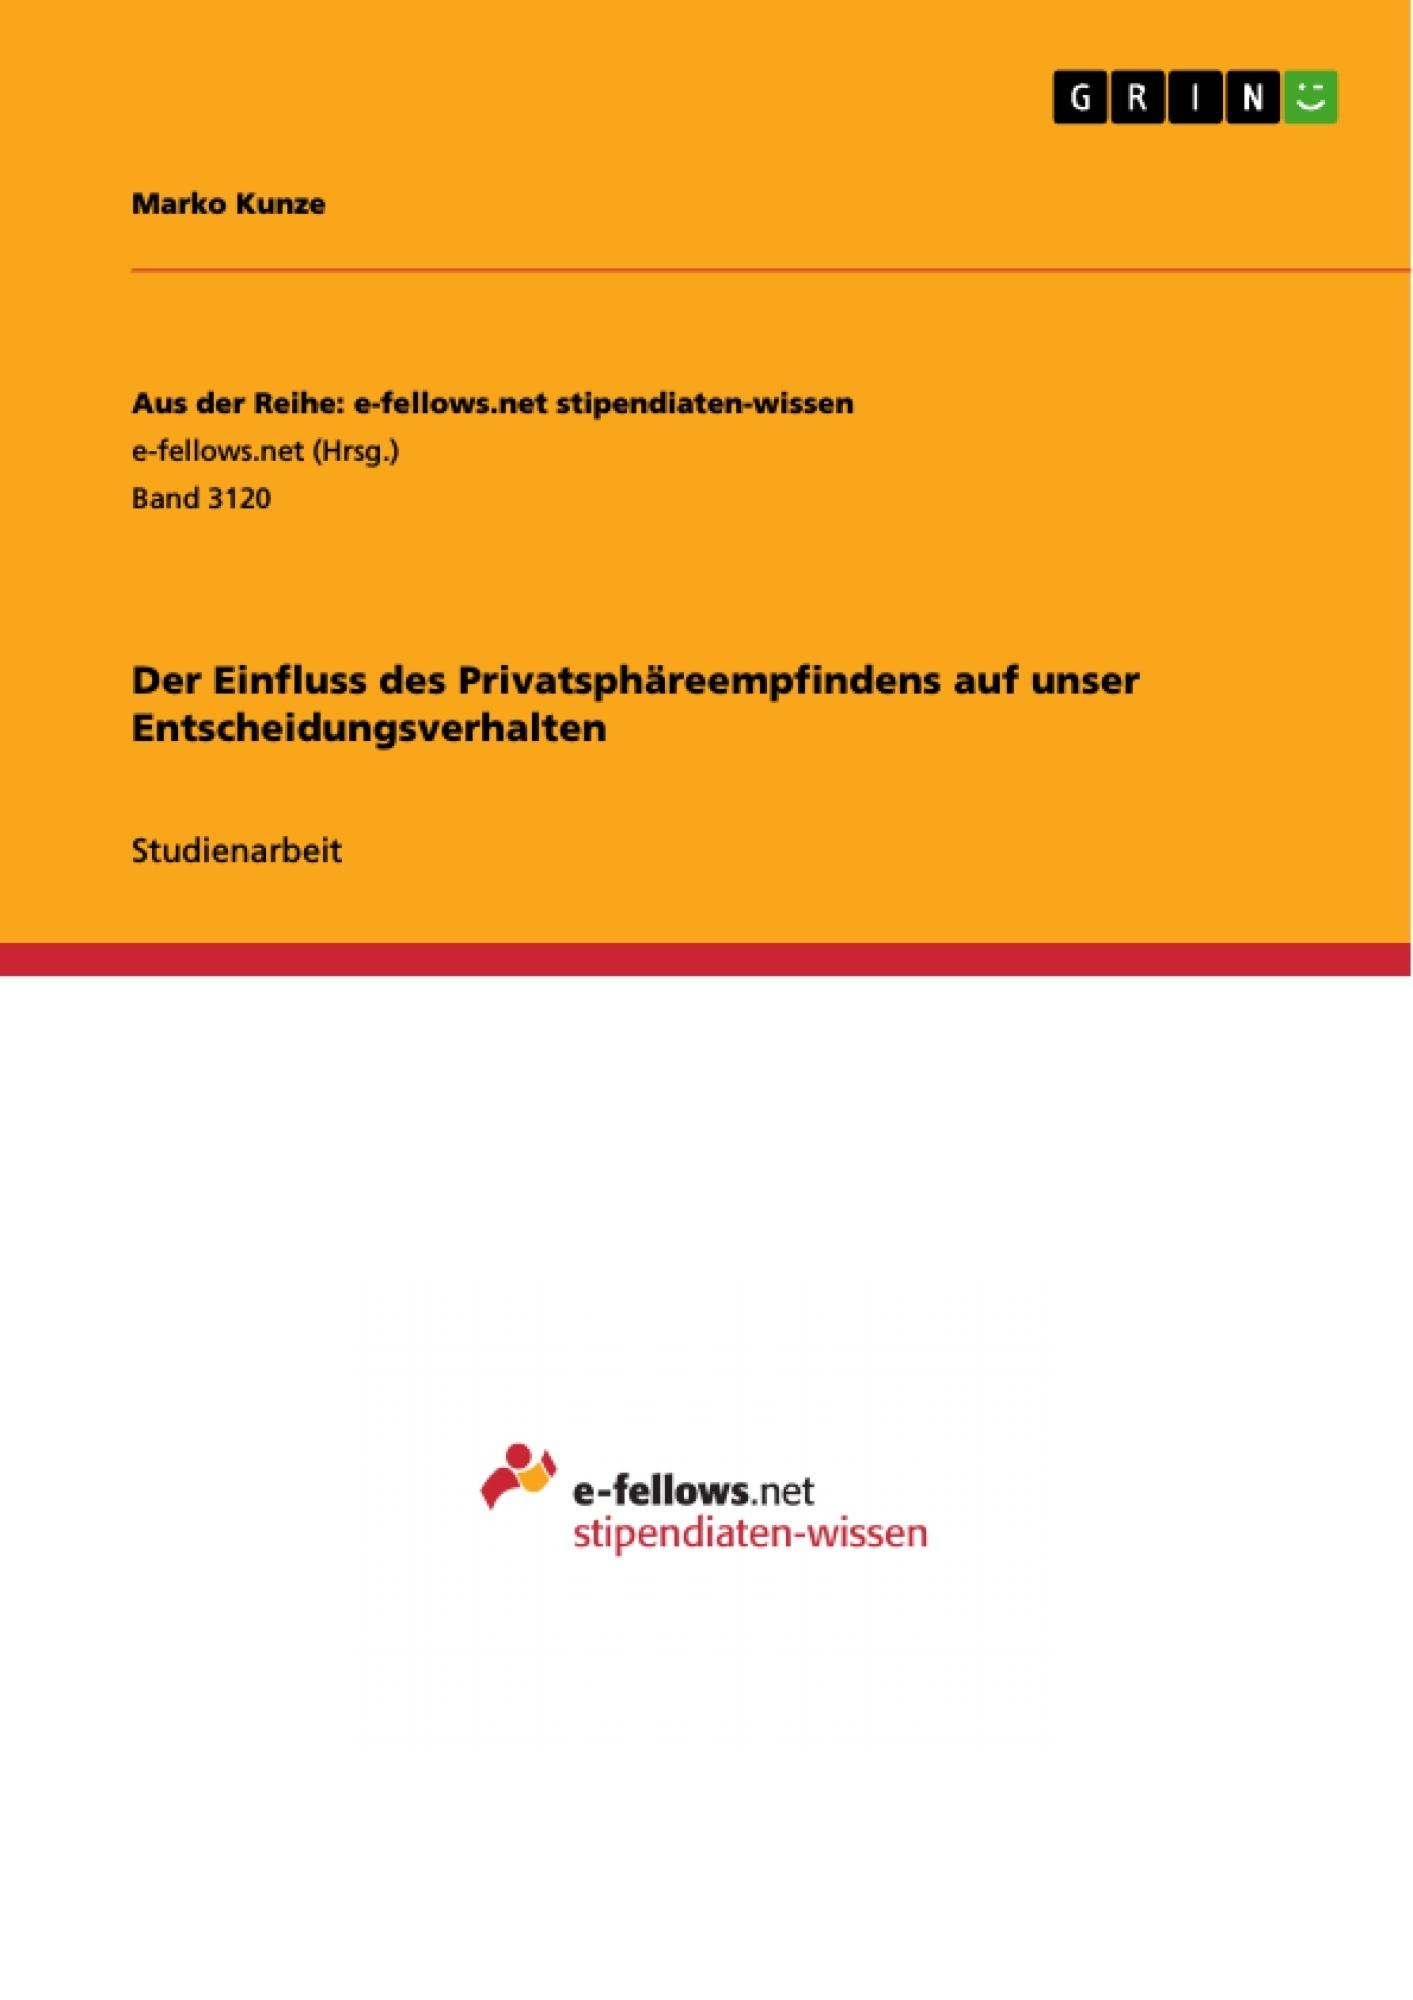 Titel: Der Einfluss des Privatsphäreempfindens auf unser Entscheidungsverhalten